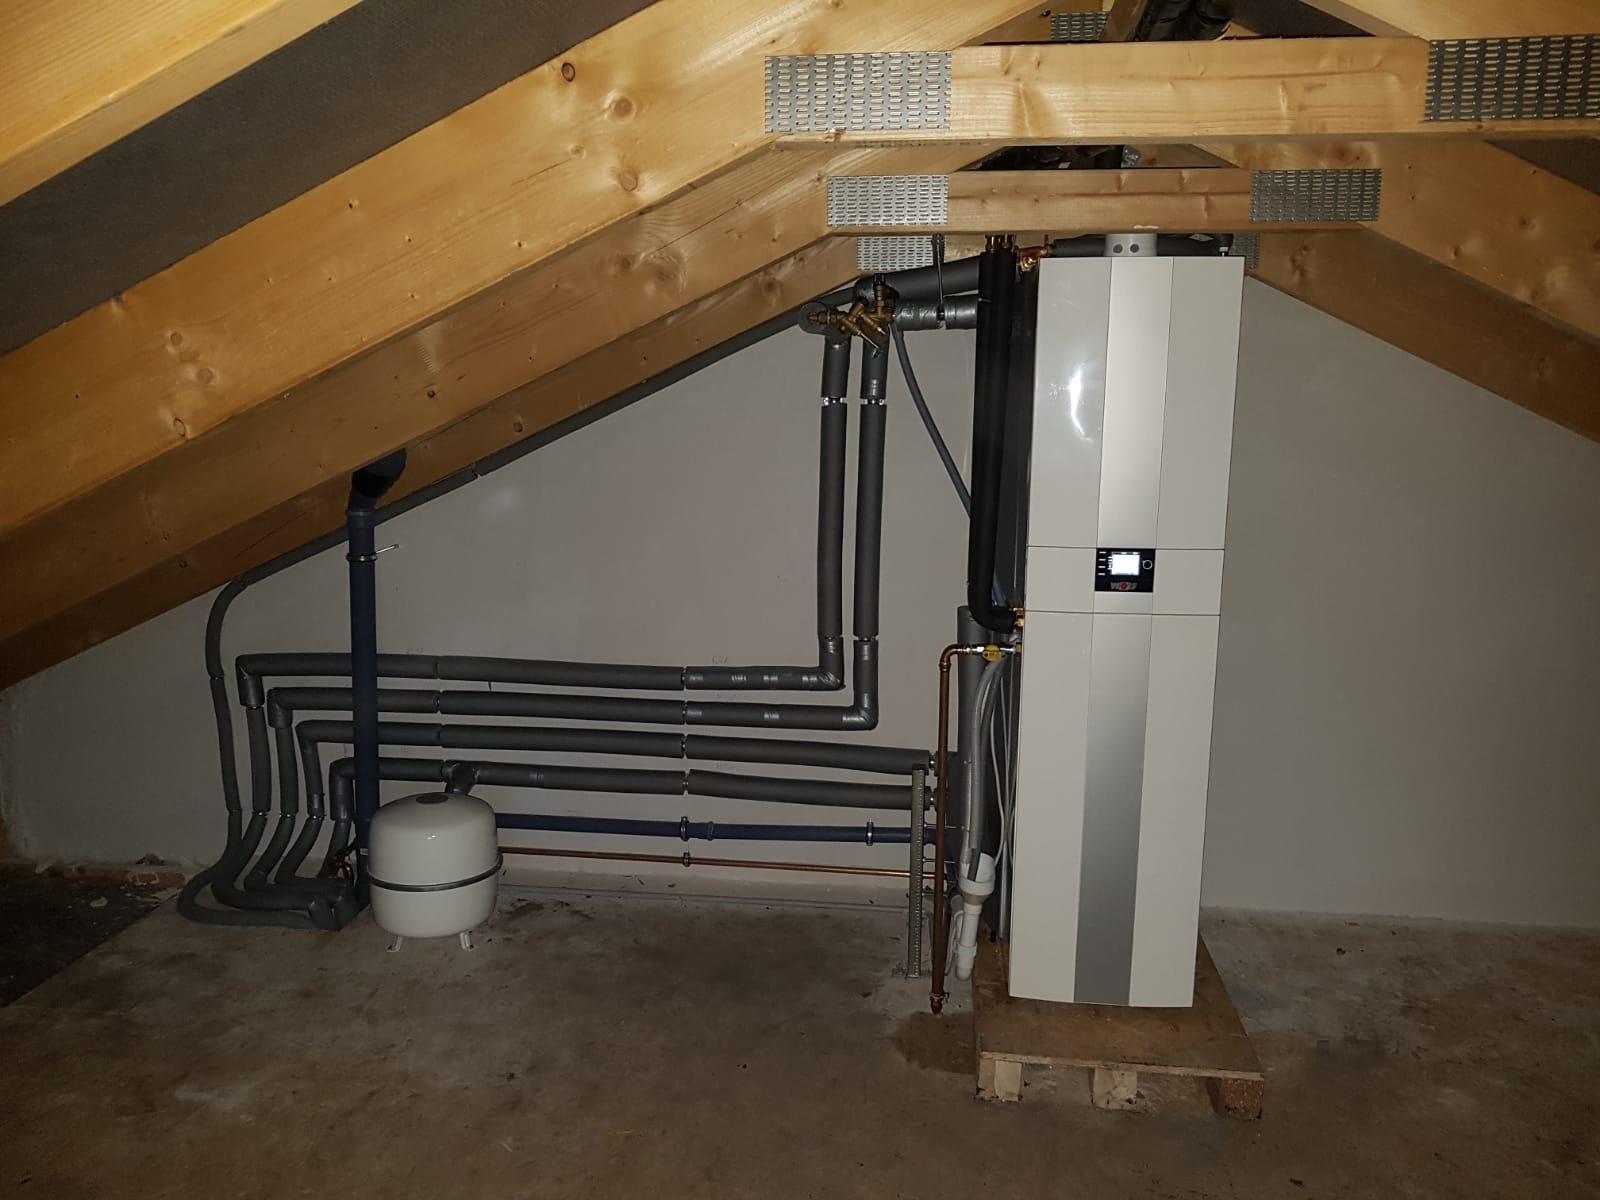 doppelhaus_bad_bramstedt_2_heizungsanlage_solaranlage_badinstallation